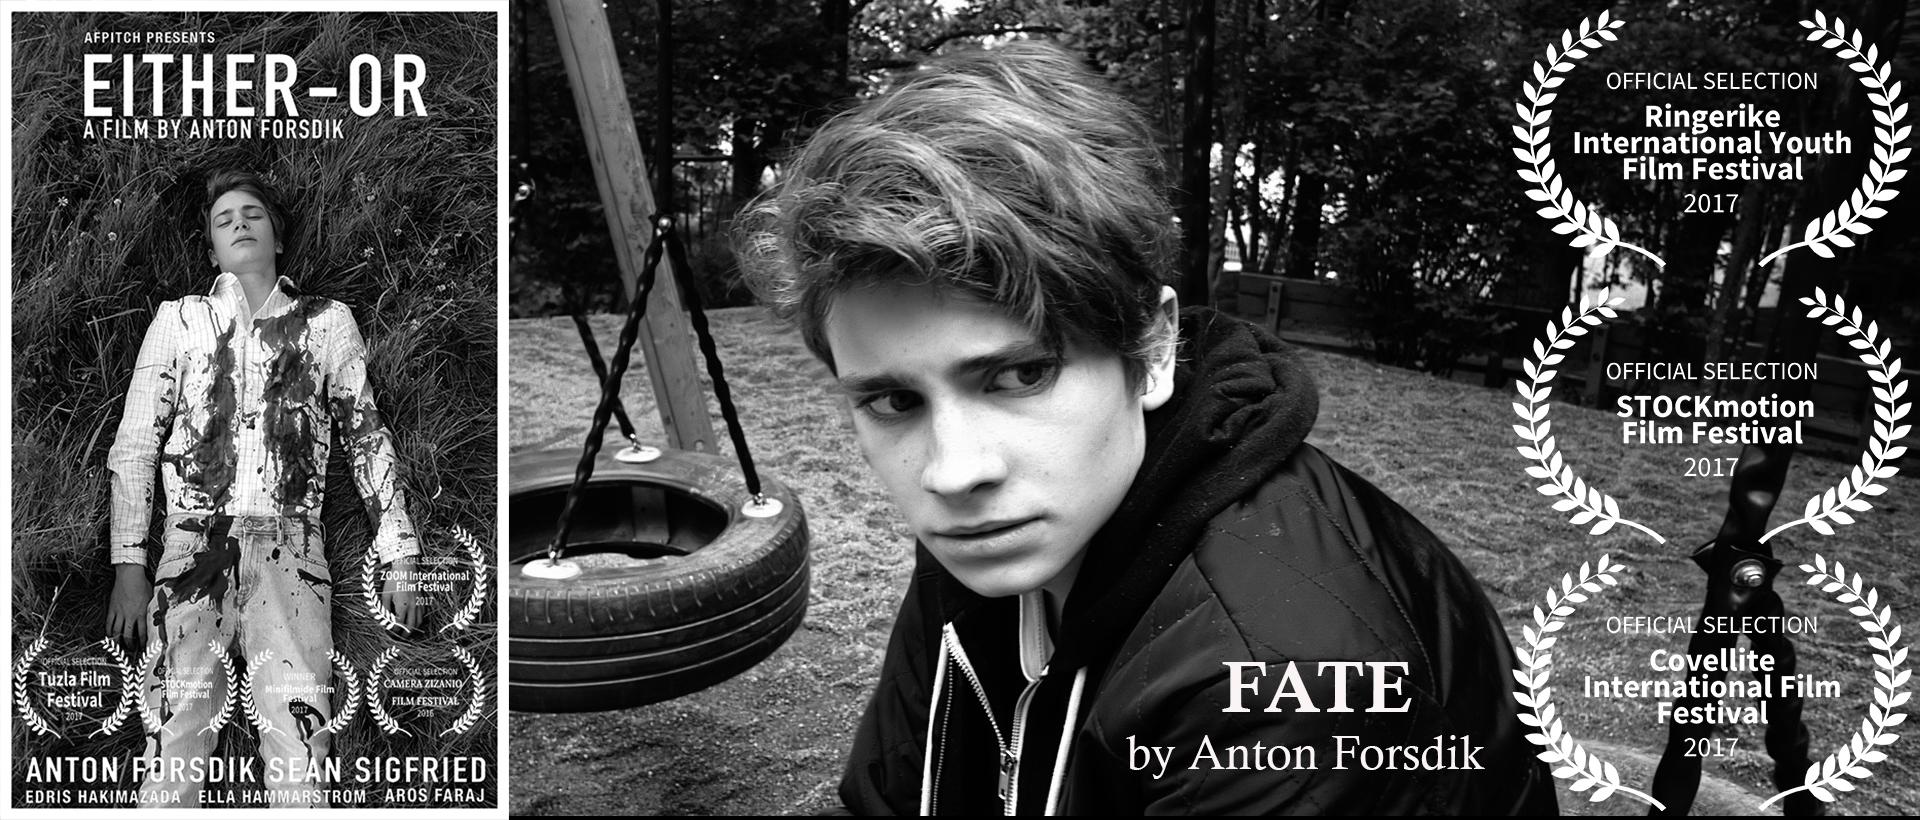 Fate-Ödet-stockmotion-Anton-Forsdik-STOCKmotion Film Festival